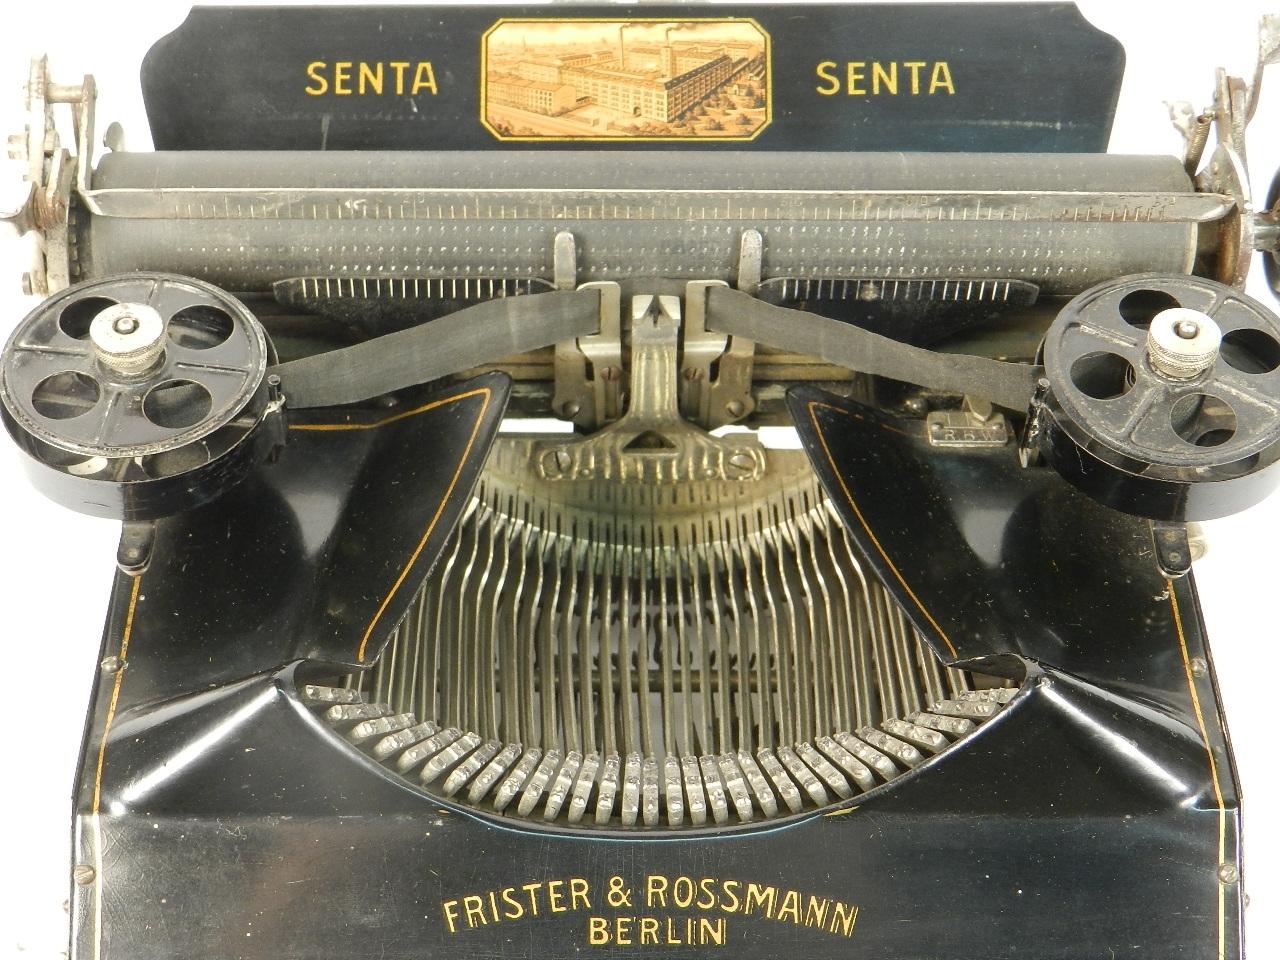 Imagen SENTA AÑO 1912 31556